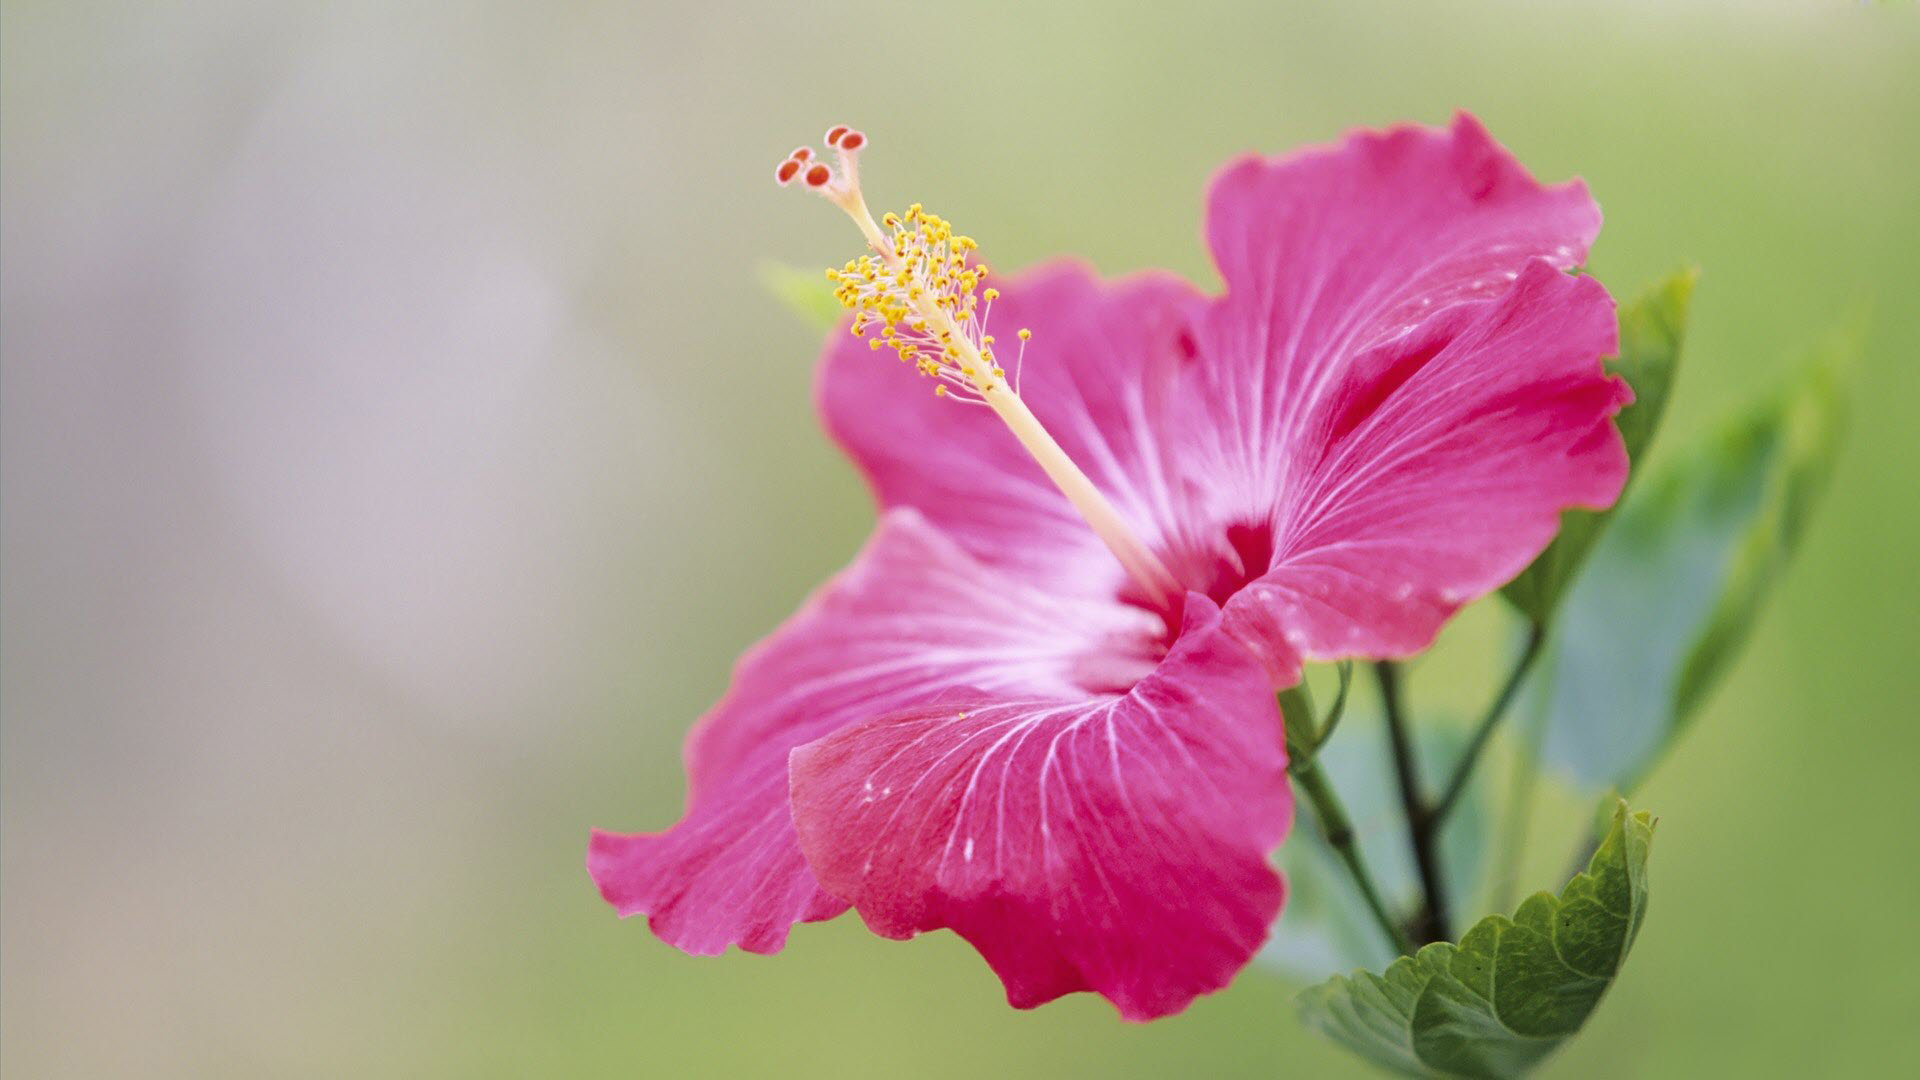 download free flower wallpaper hd